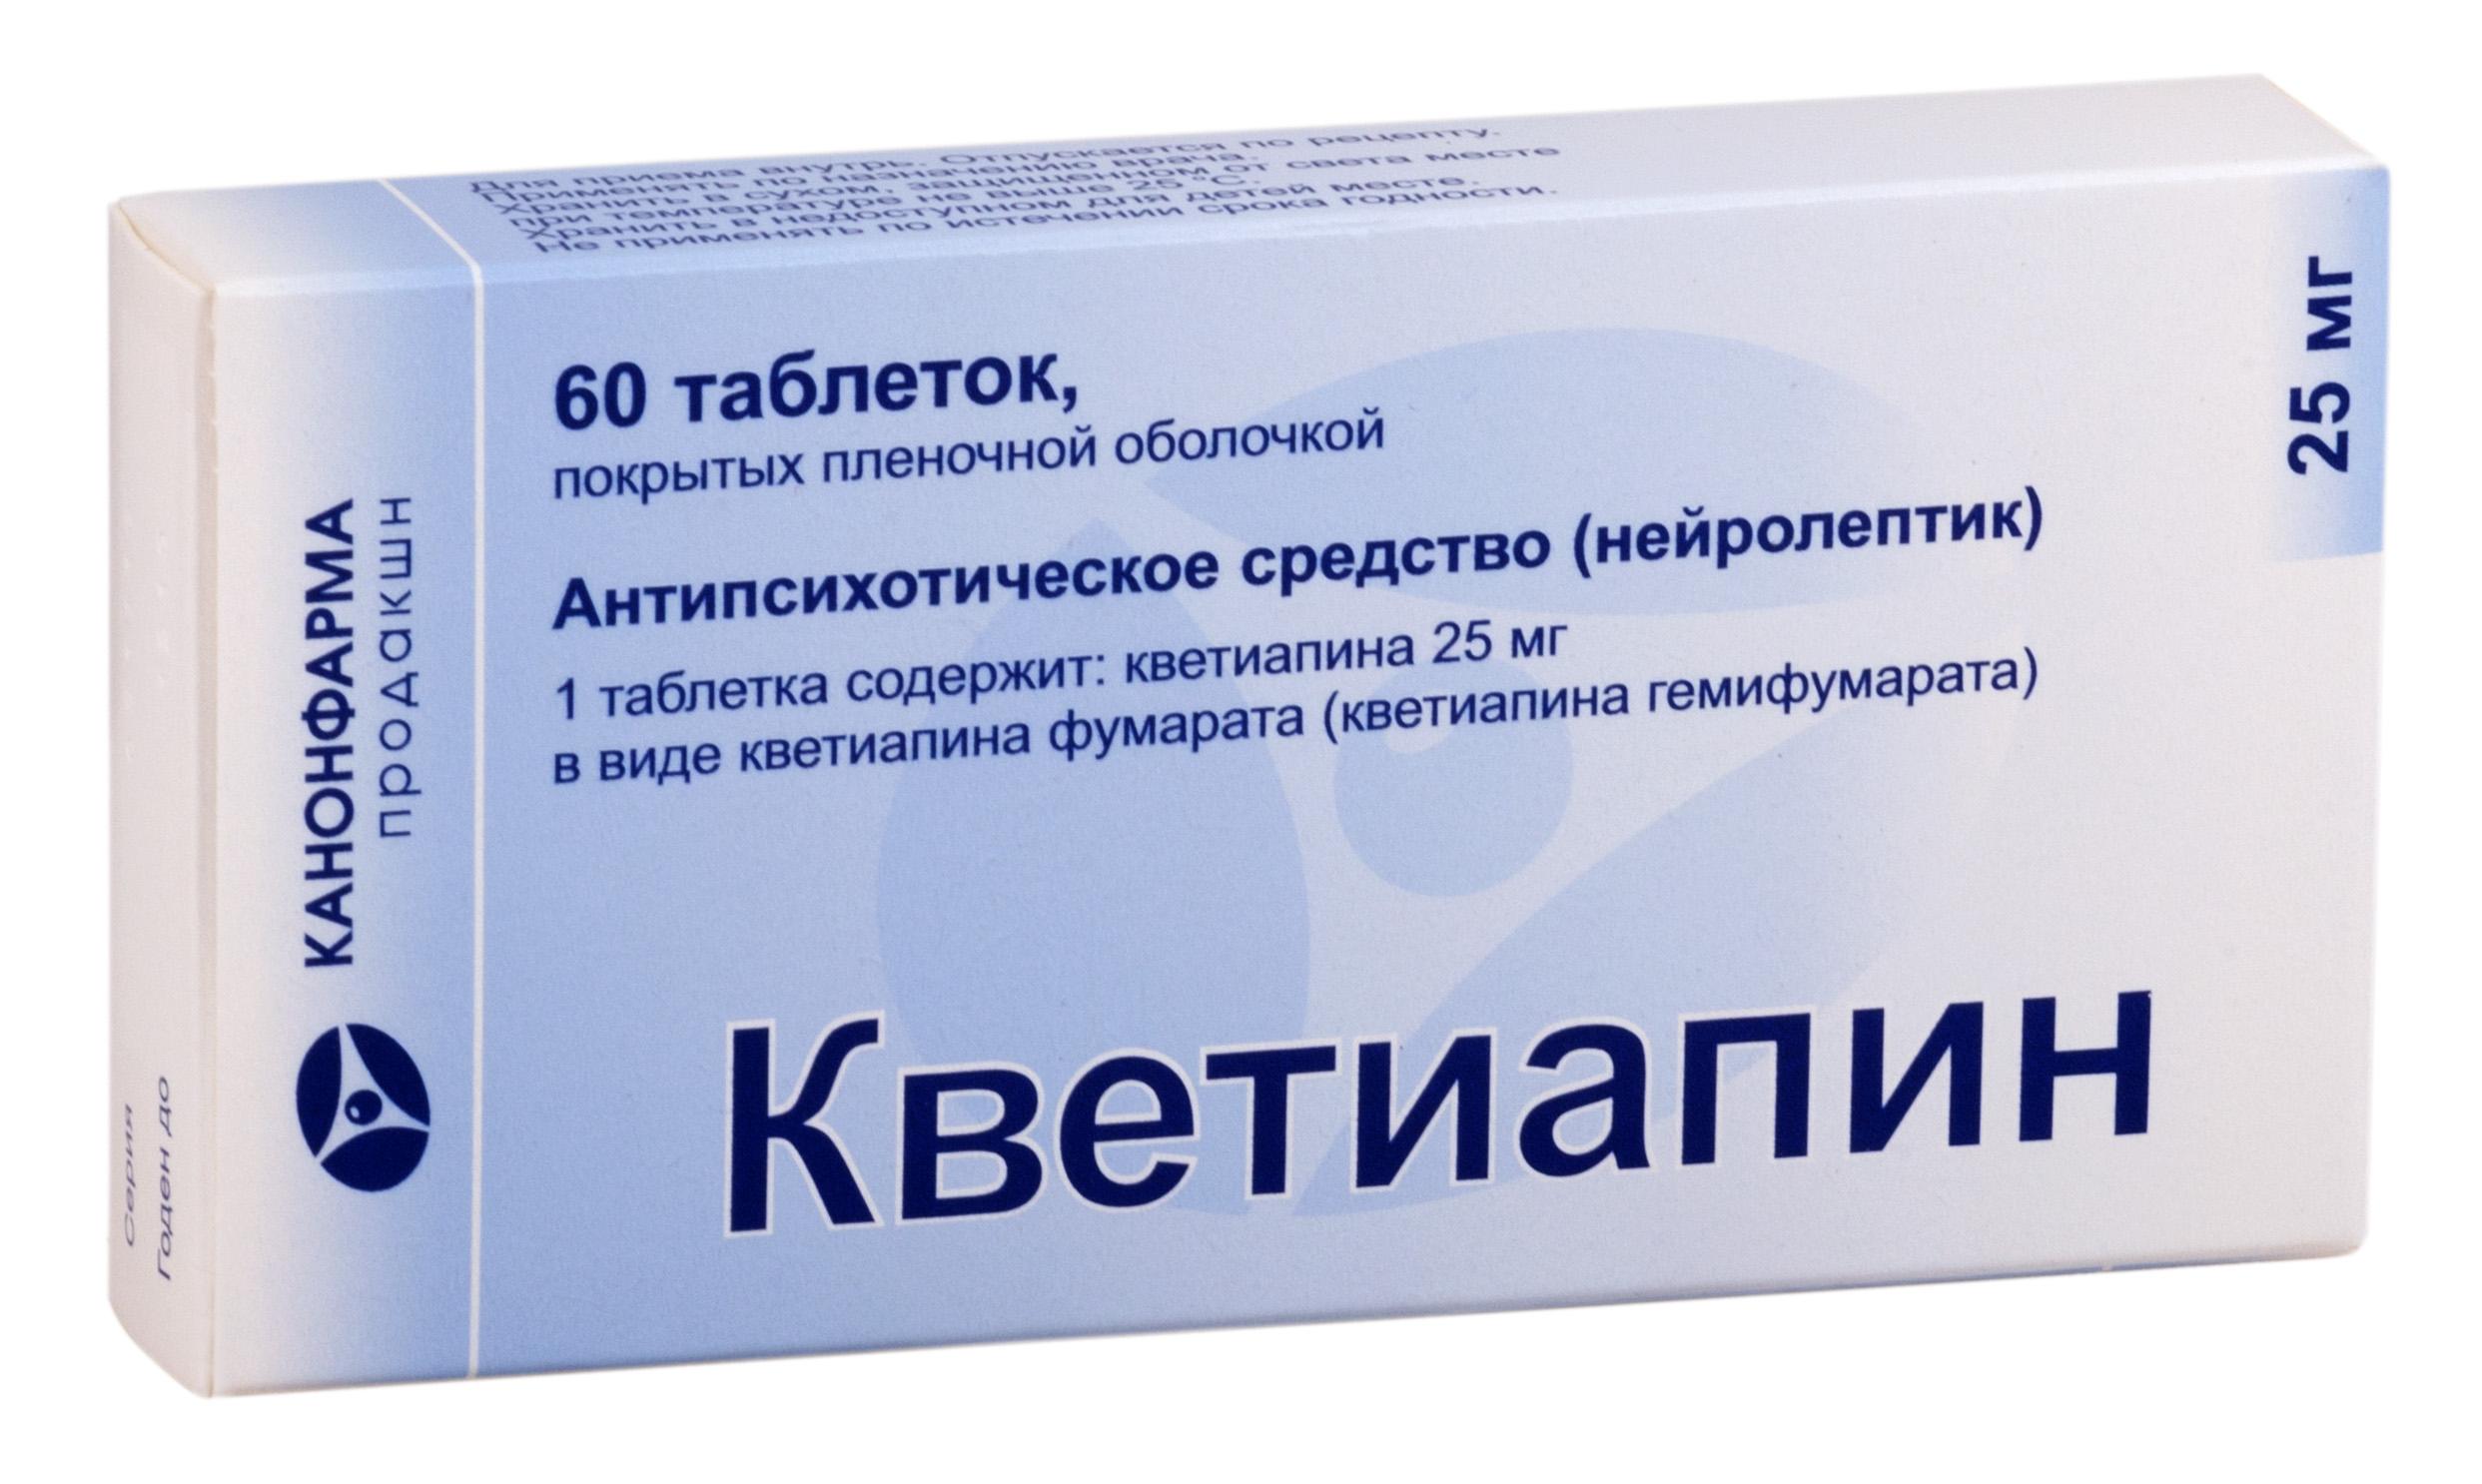 Кветиапин таб. п.п.о. 25мг n60